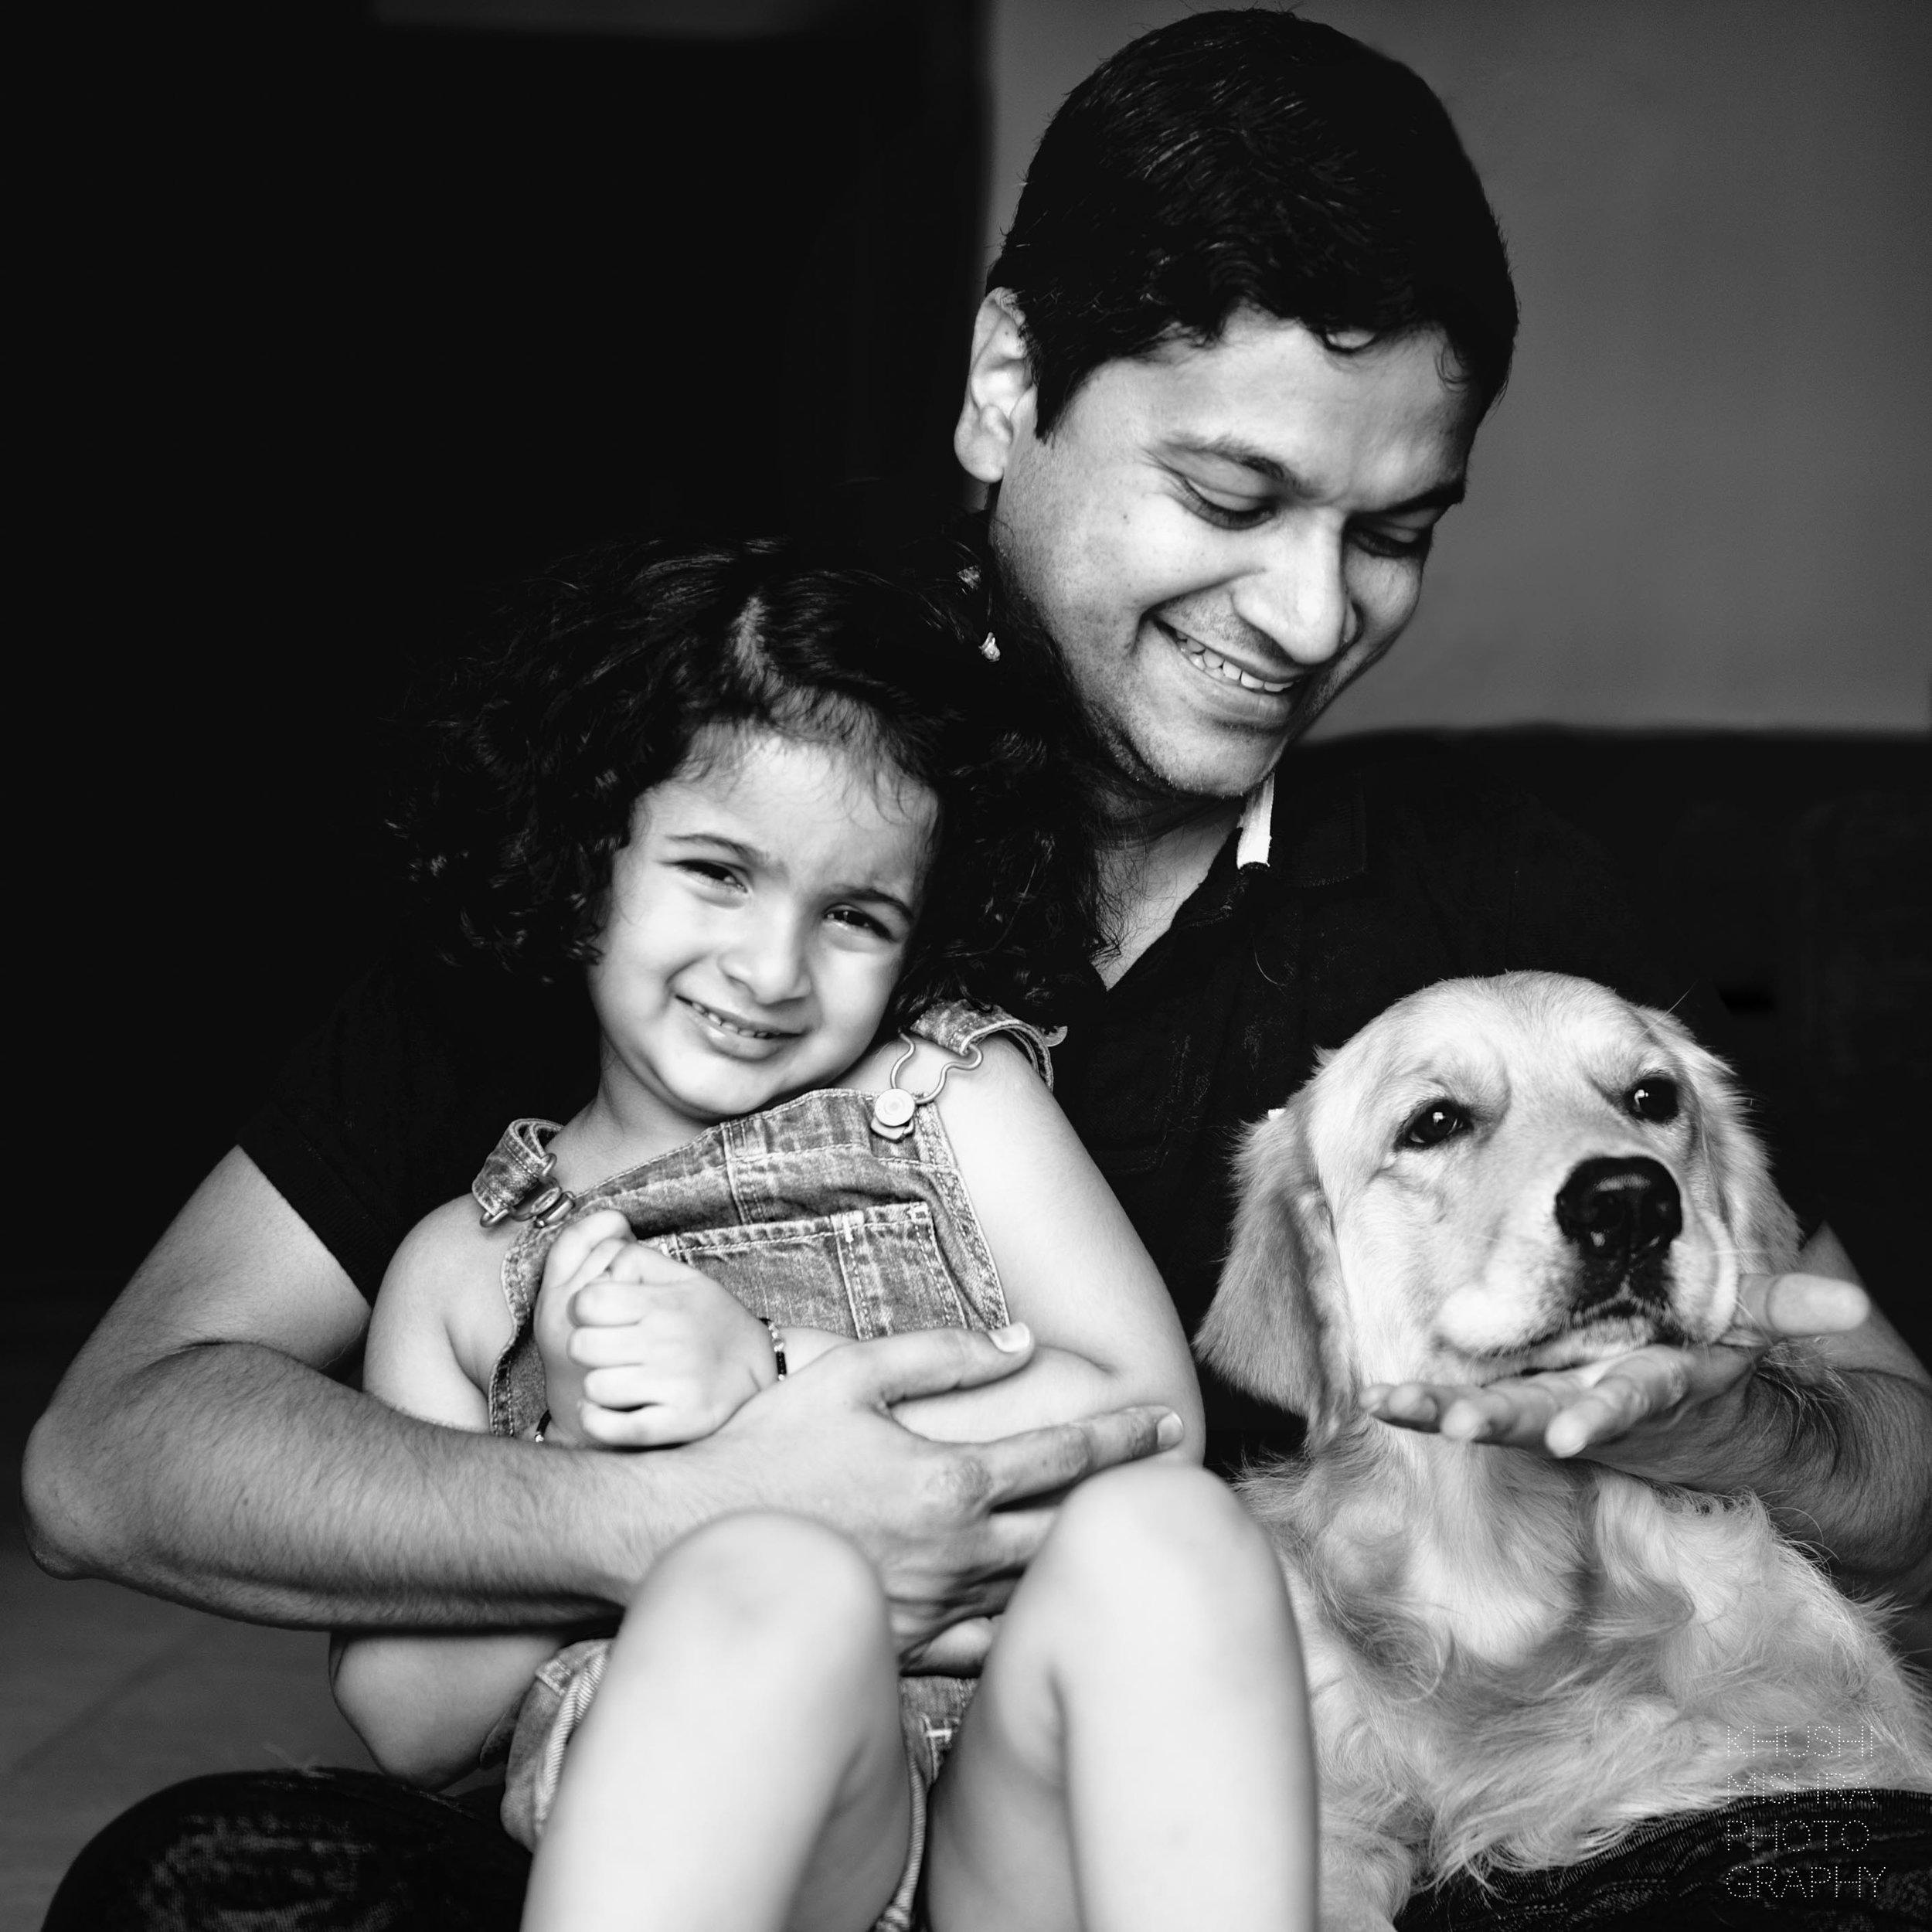 13_Newborn Session_Family Portrait_Golden Retriever.jpg